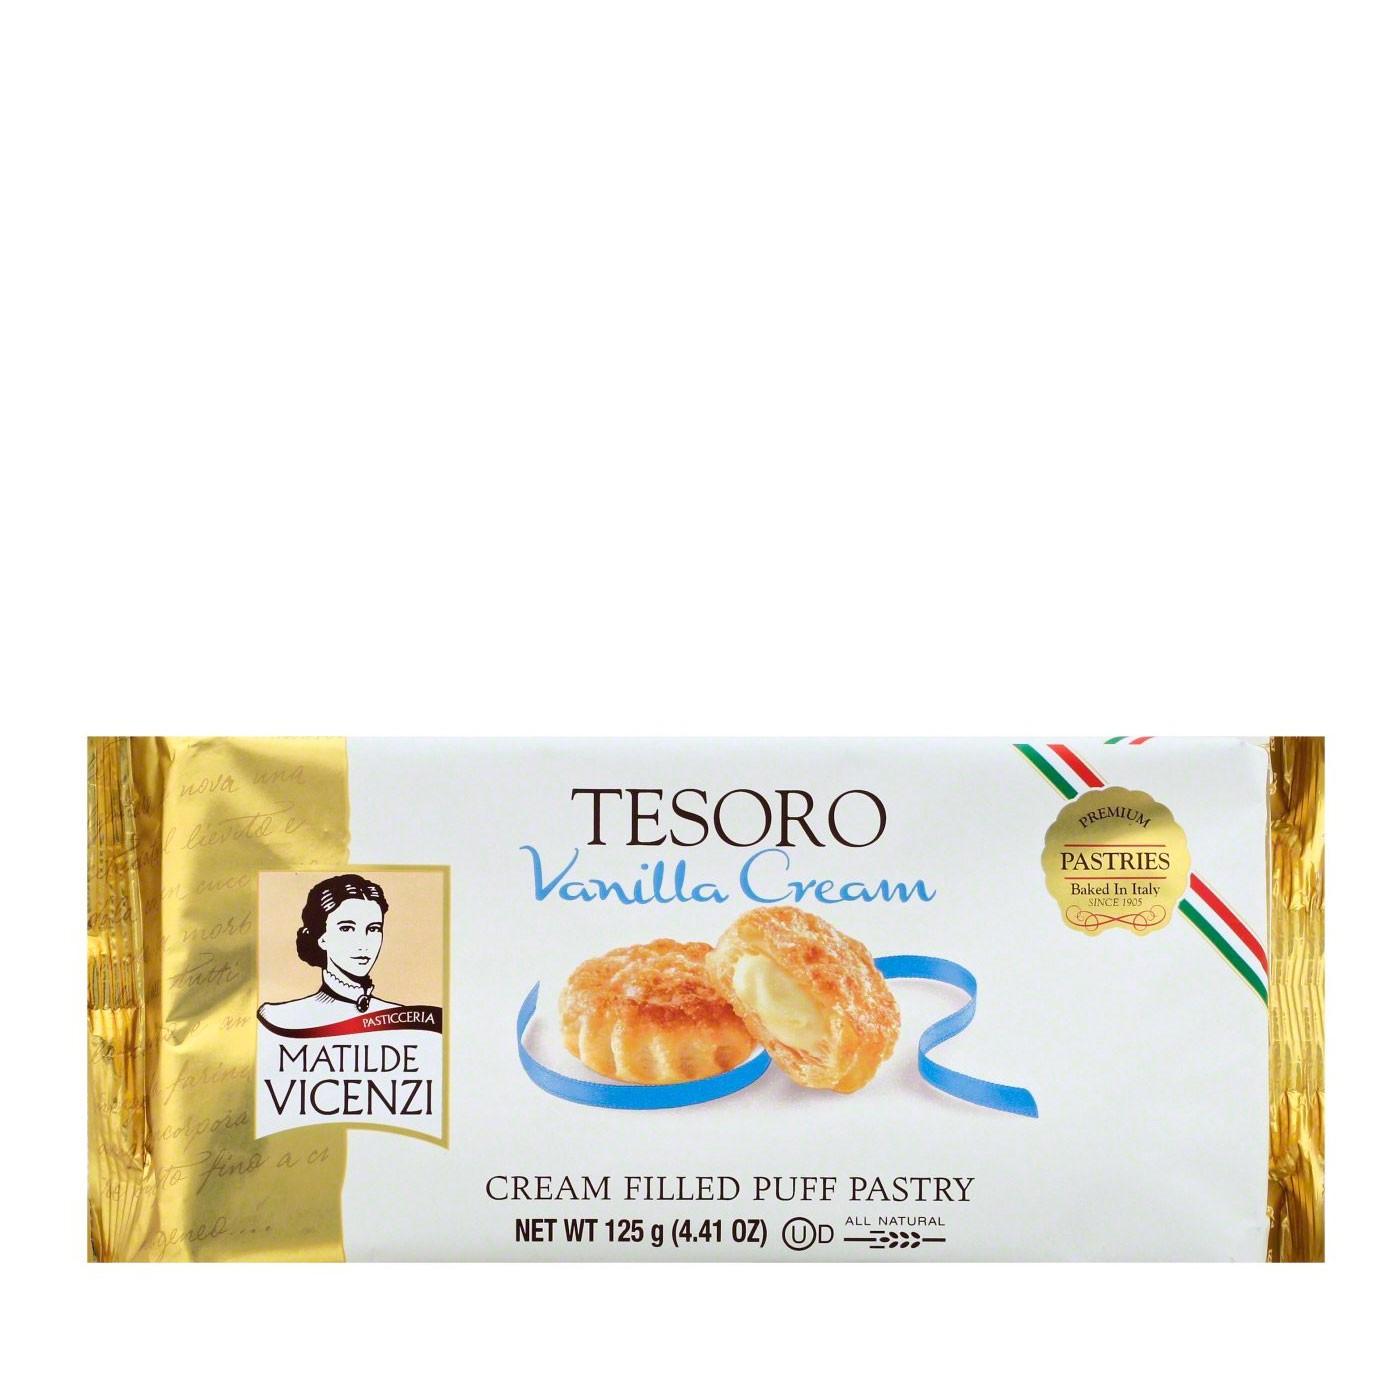 Tesoro Vanilla Puff Pastry 4.4 oz